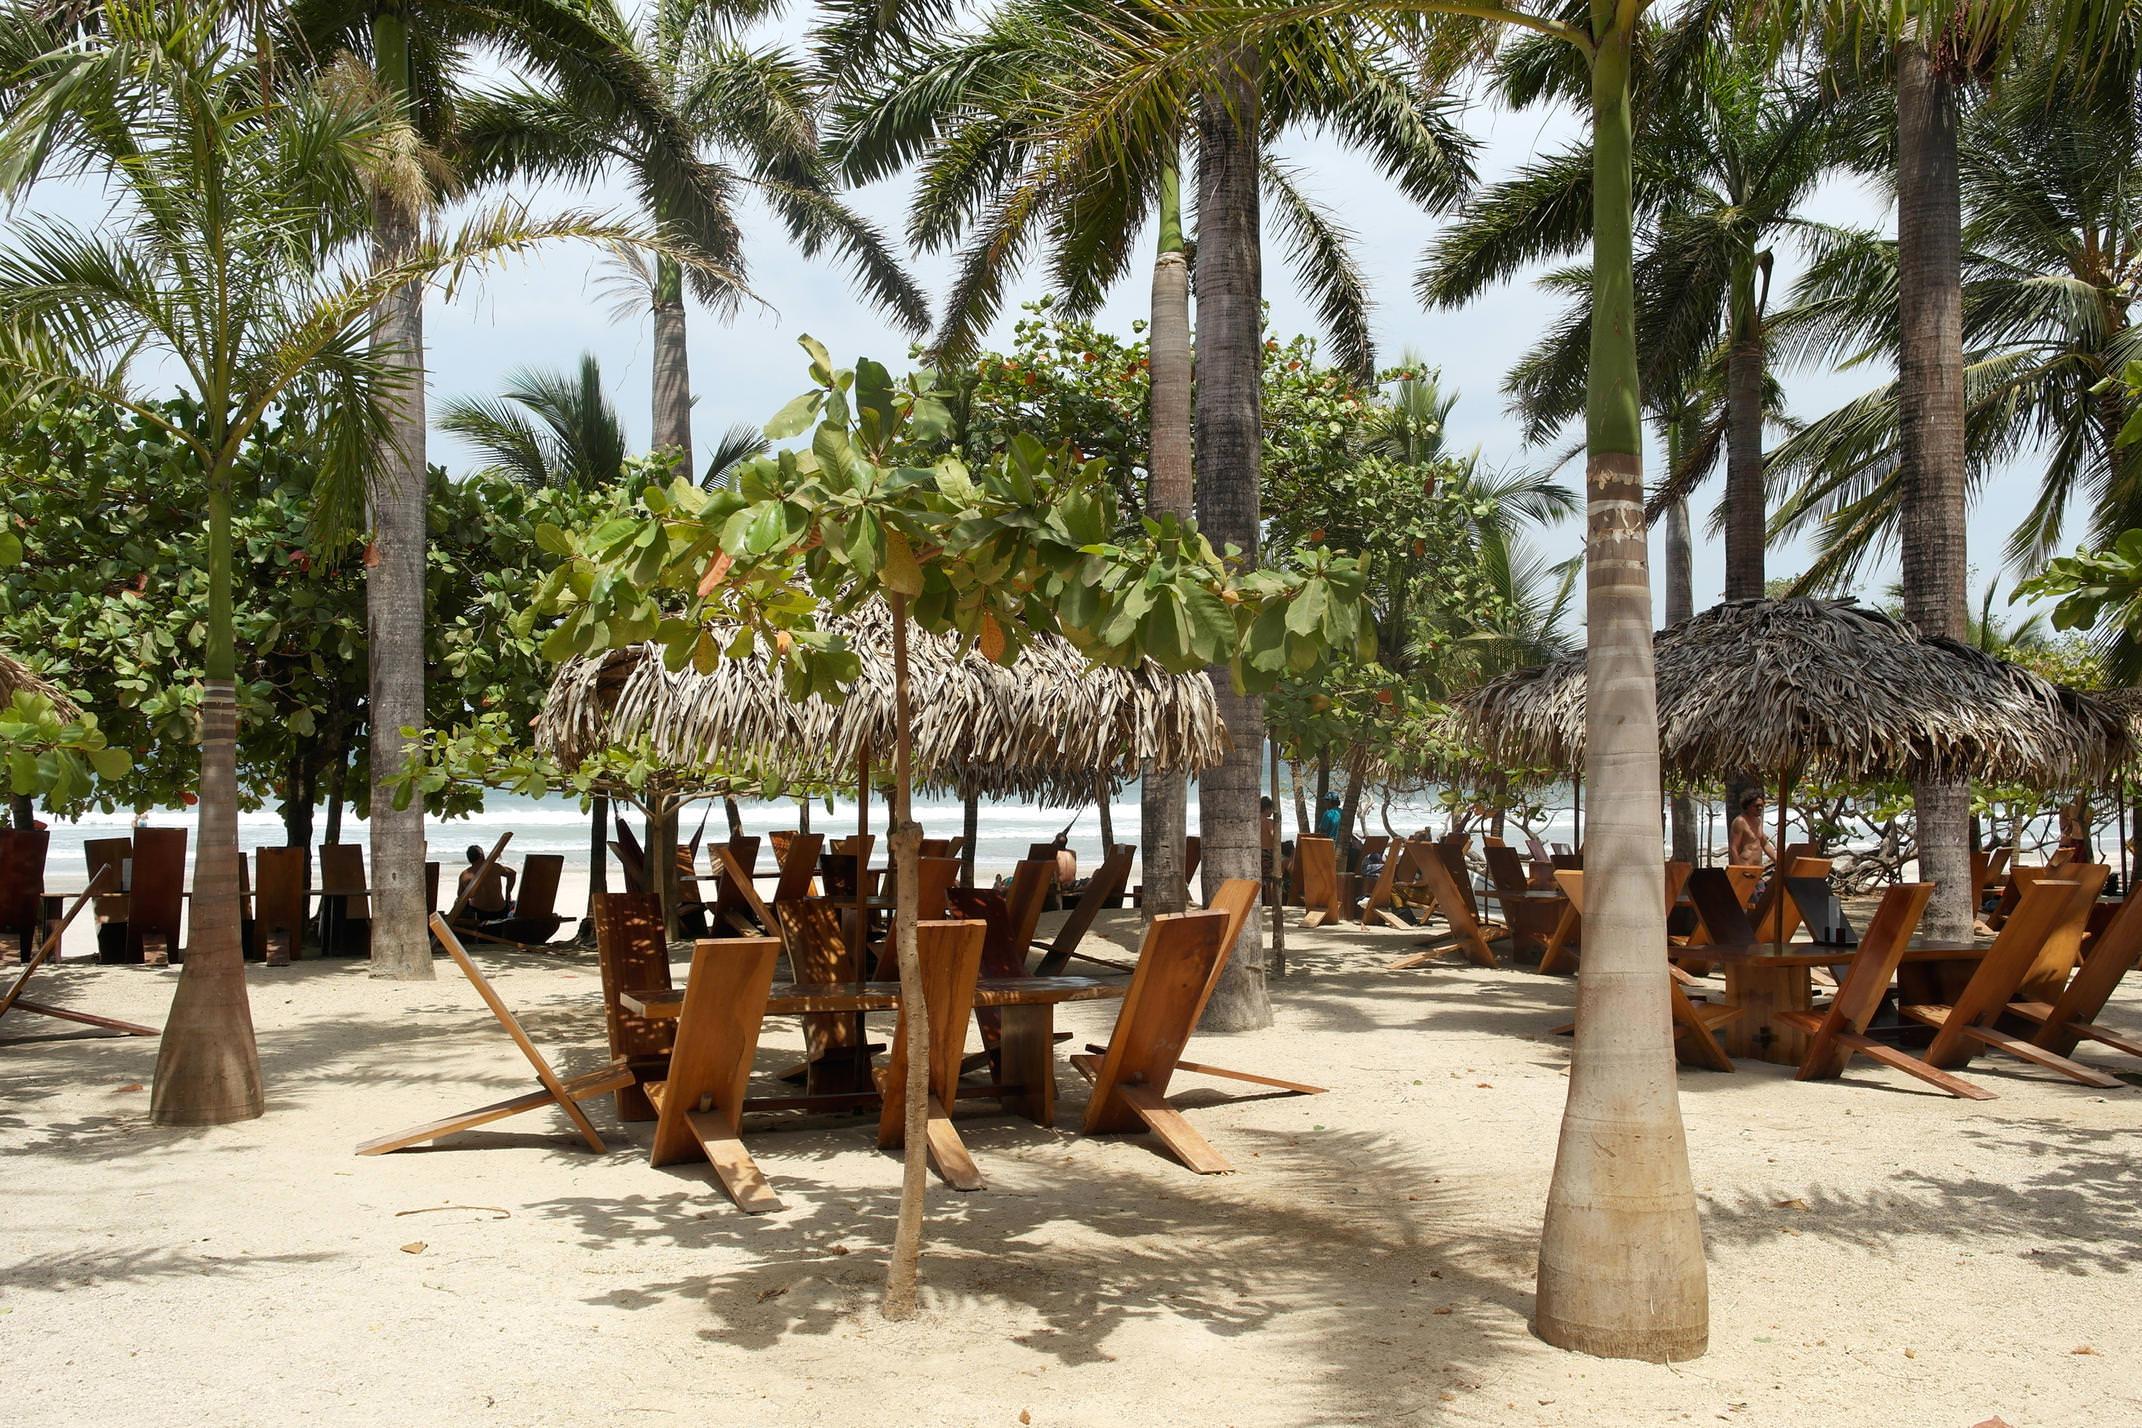 Costa rica nicoya peninsula avellanas beach lolas beach shack